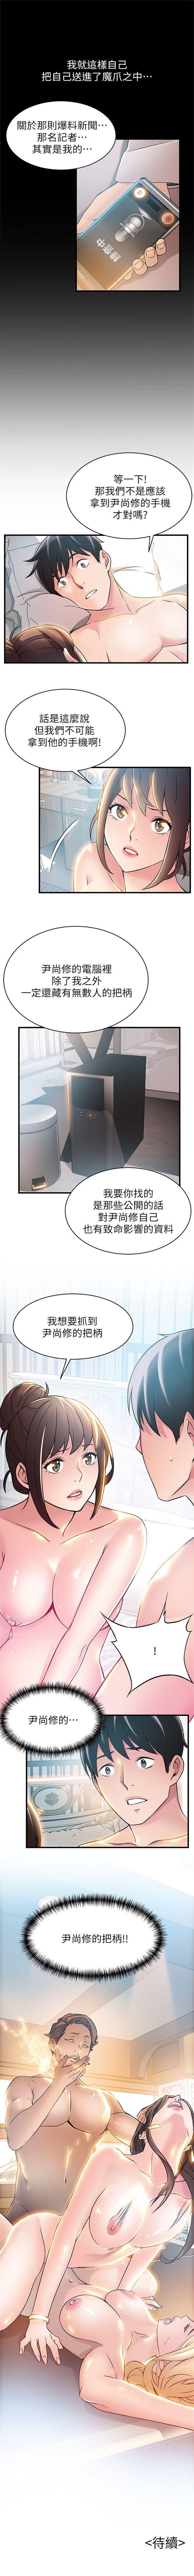 弱点 1-64 中文翻译(更新中) 139